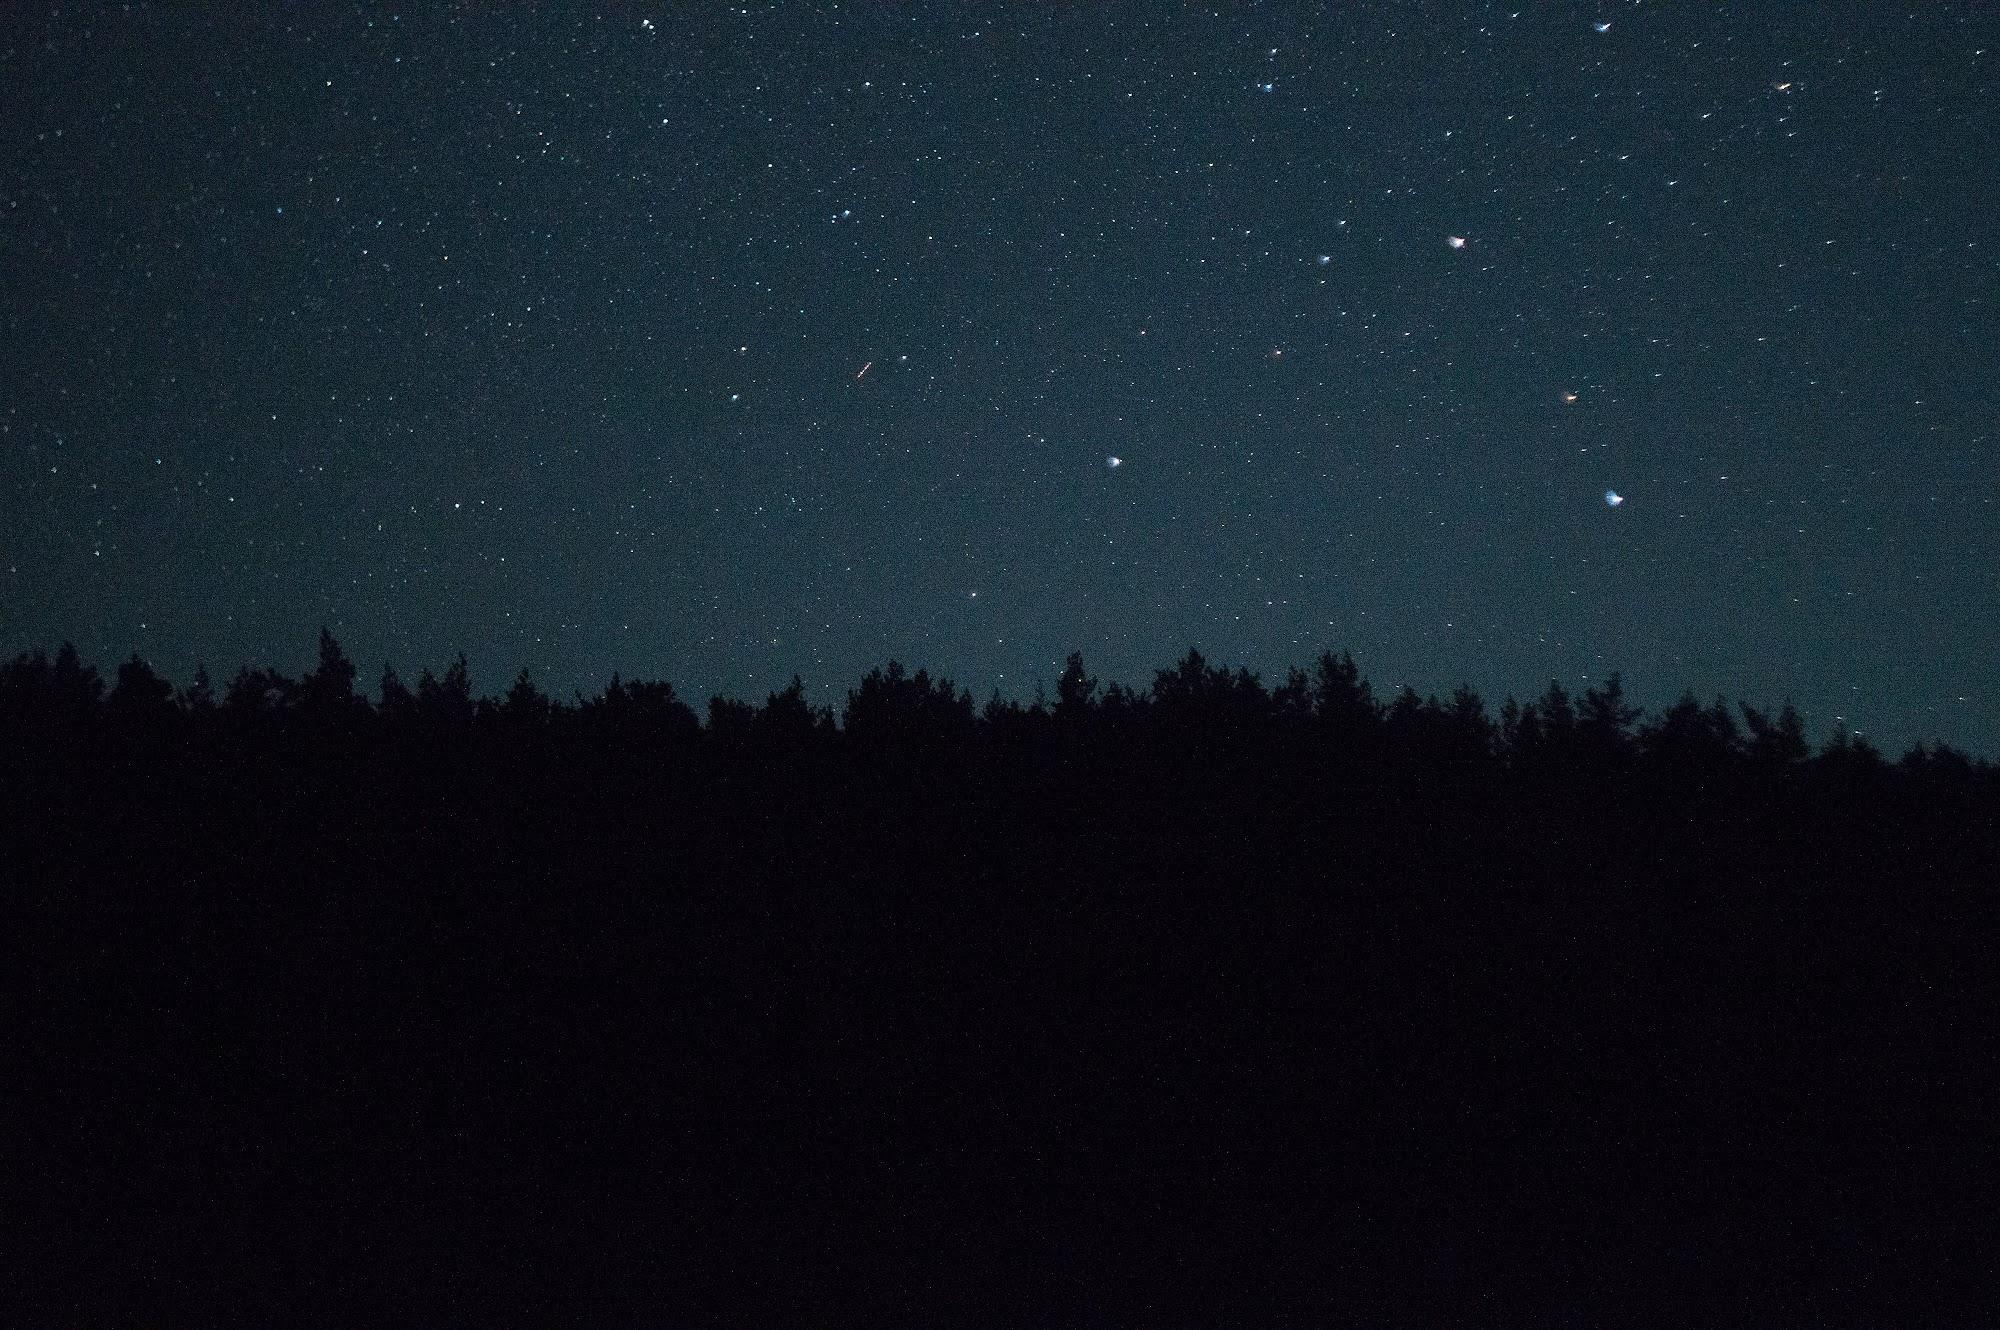 Зорі над лісом